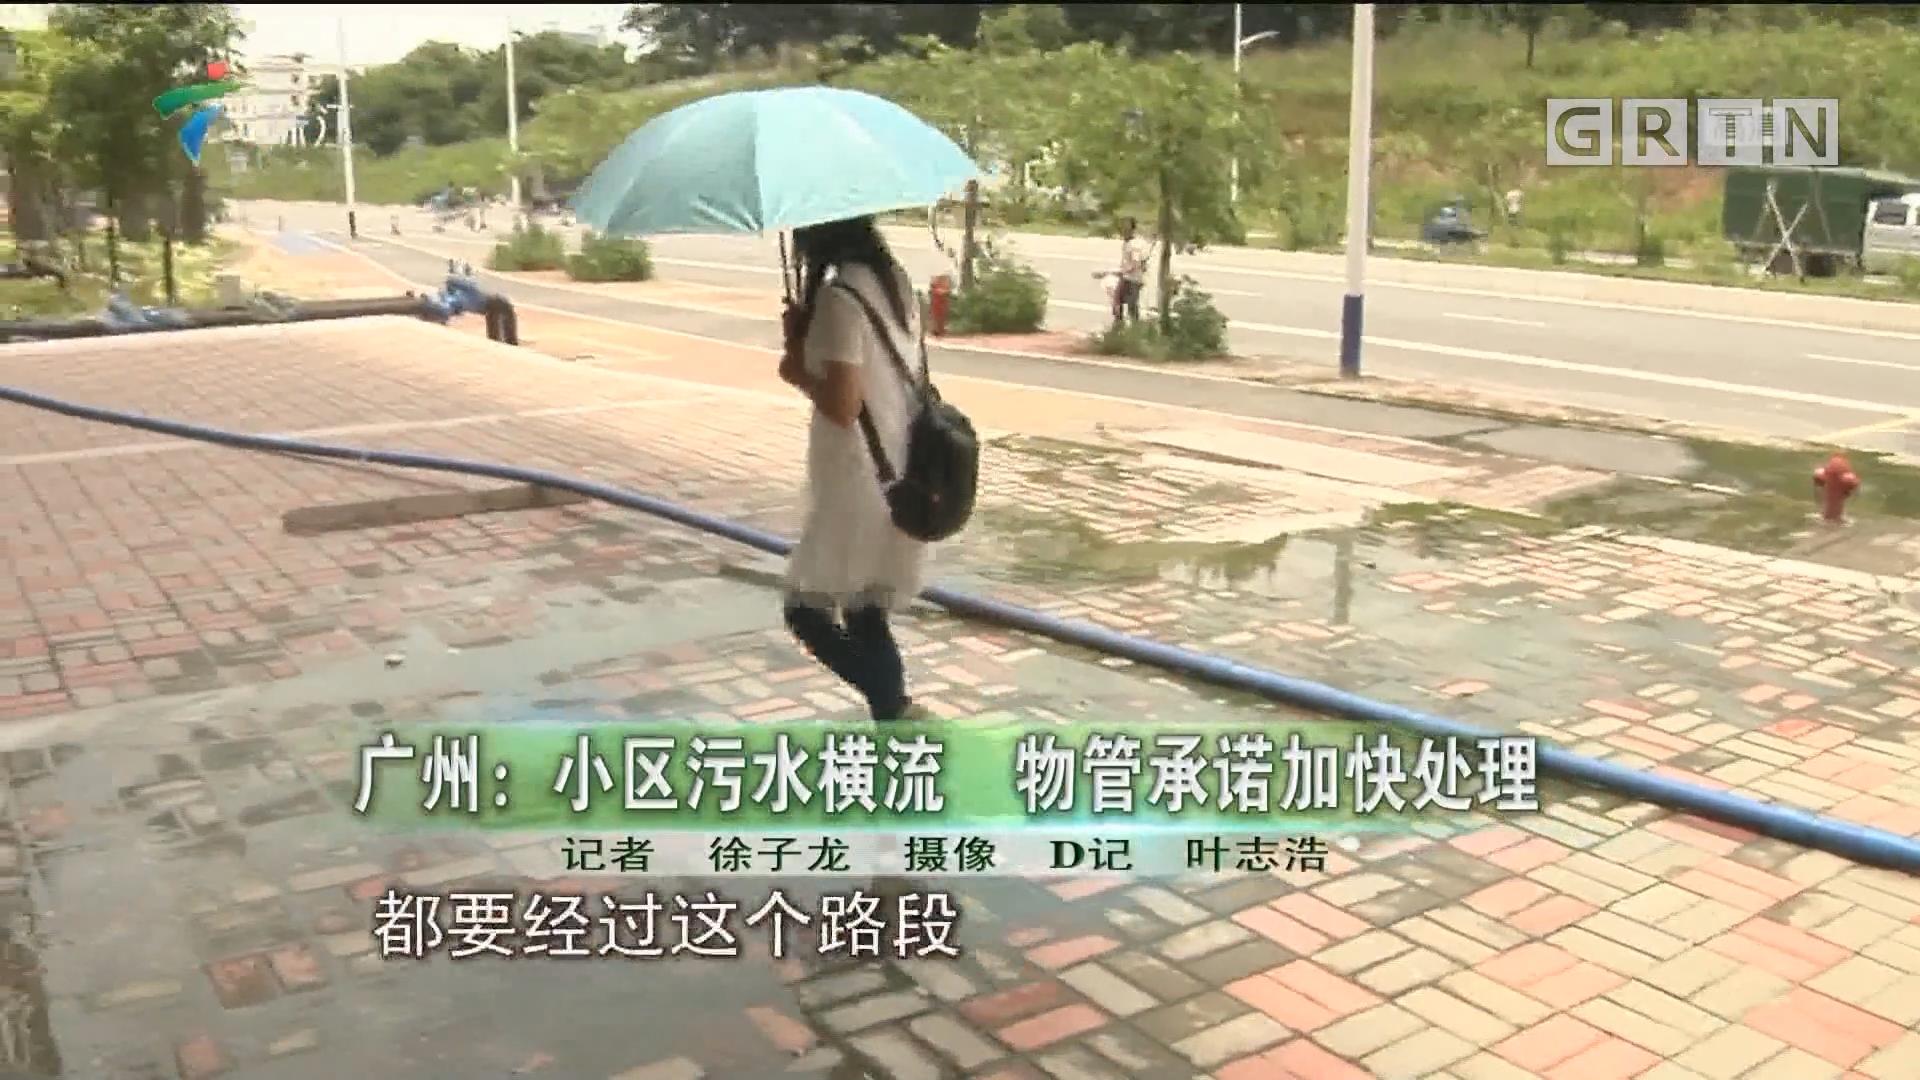 广州:小区污水横流 物管承诺加快处理